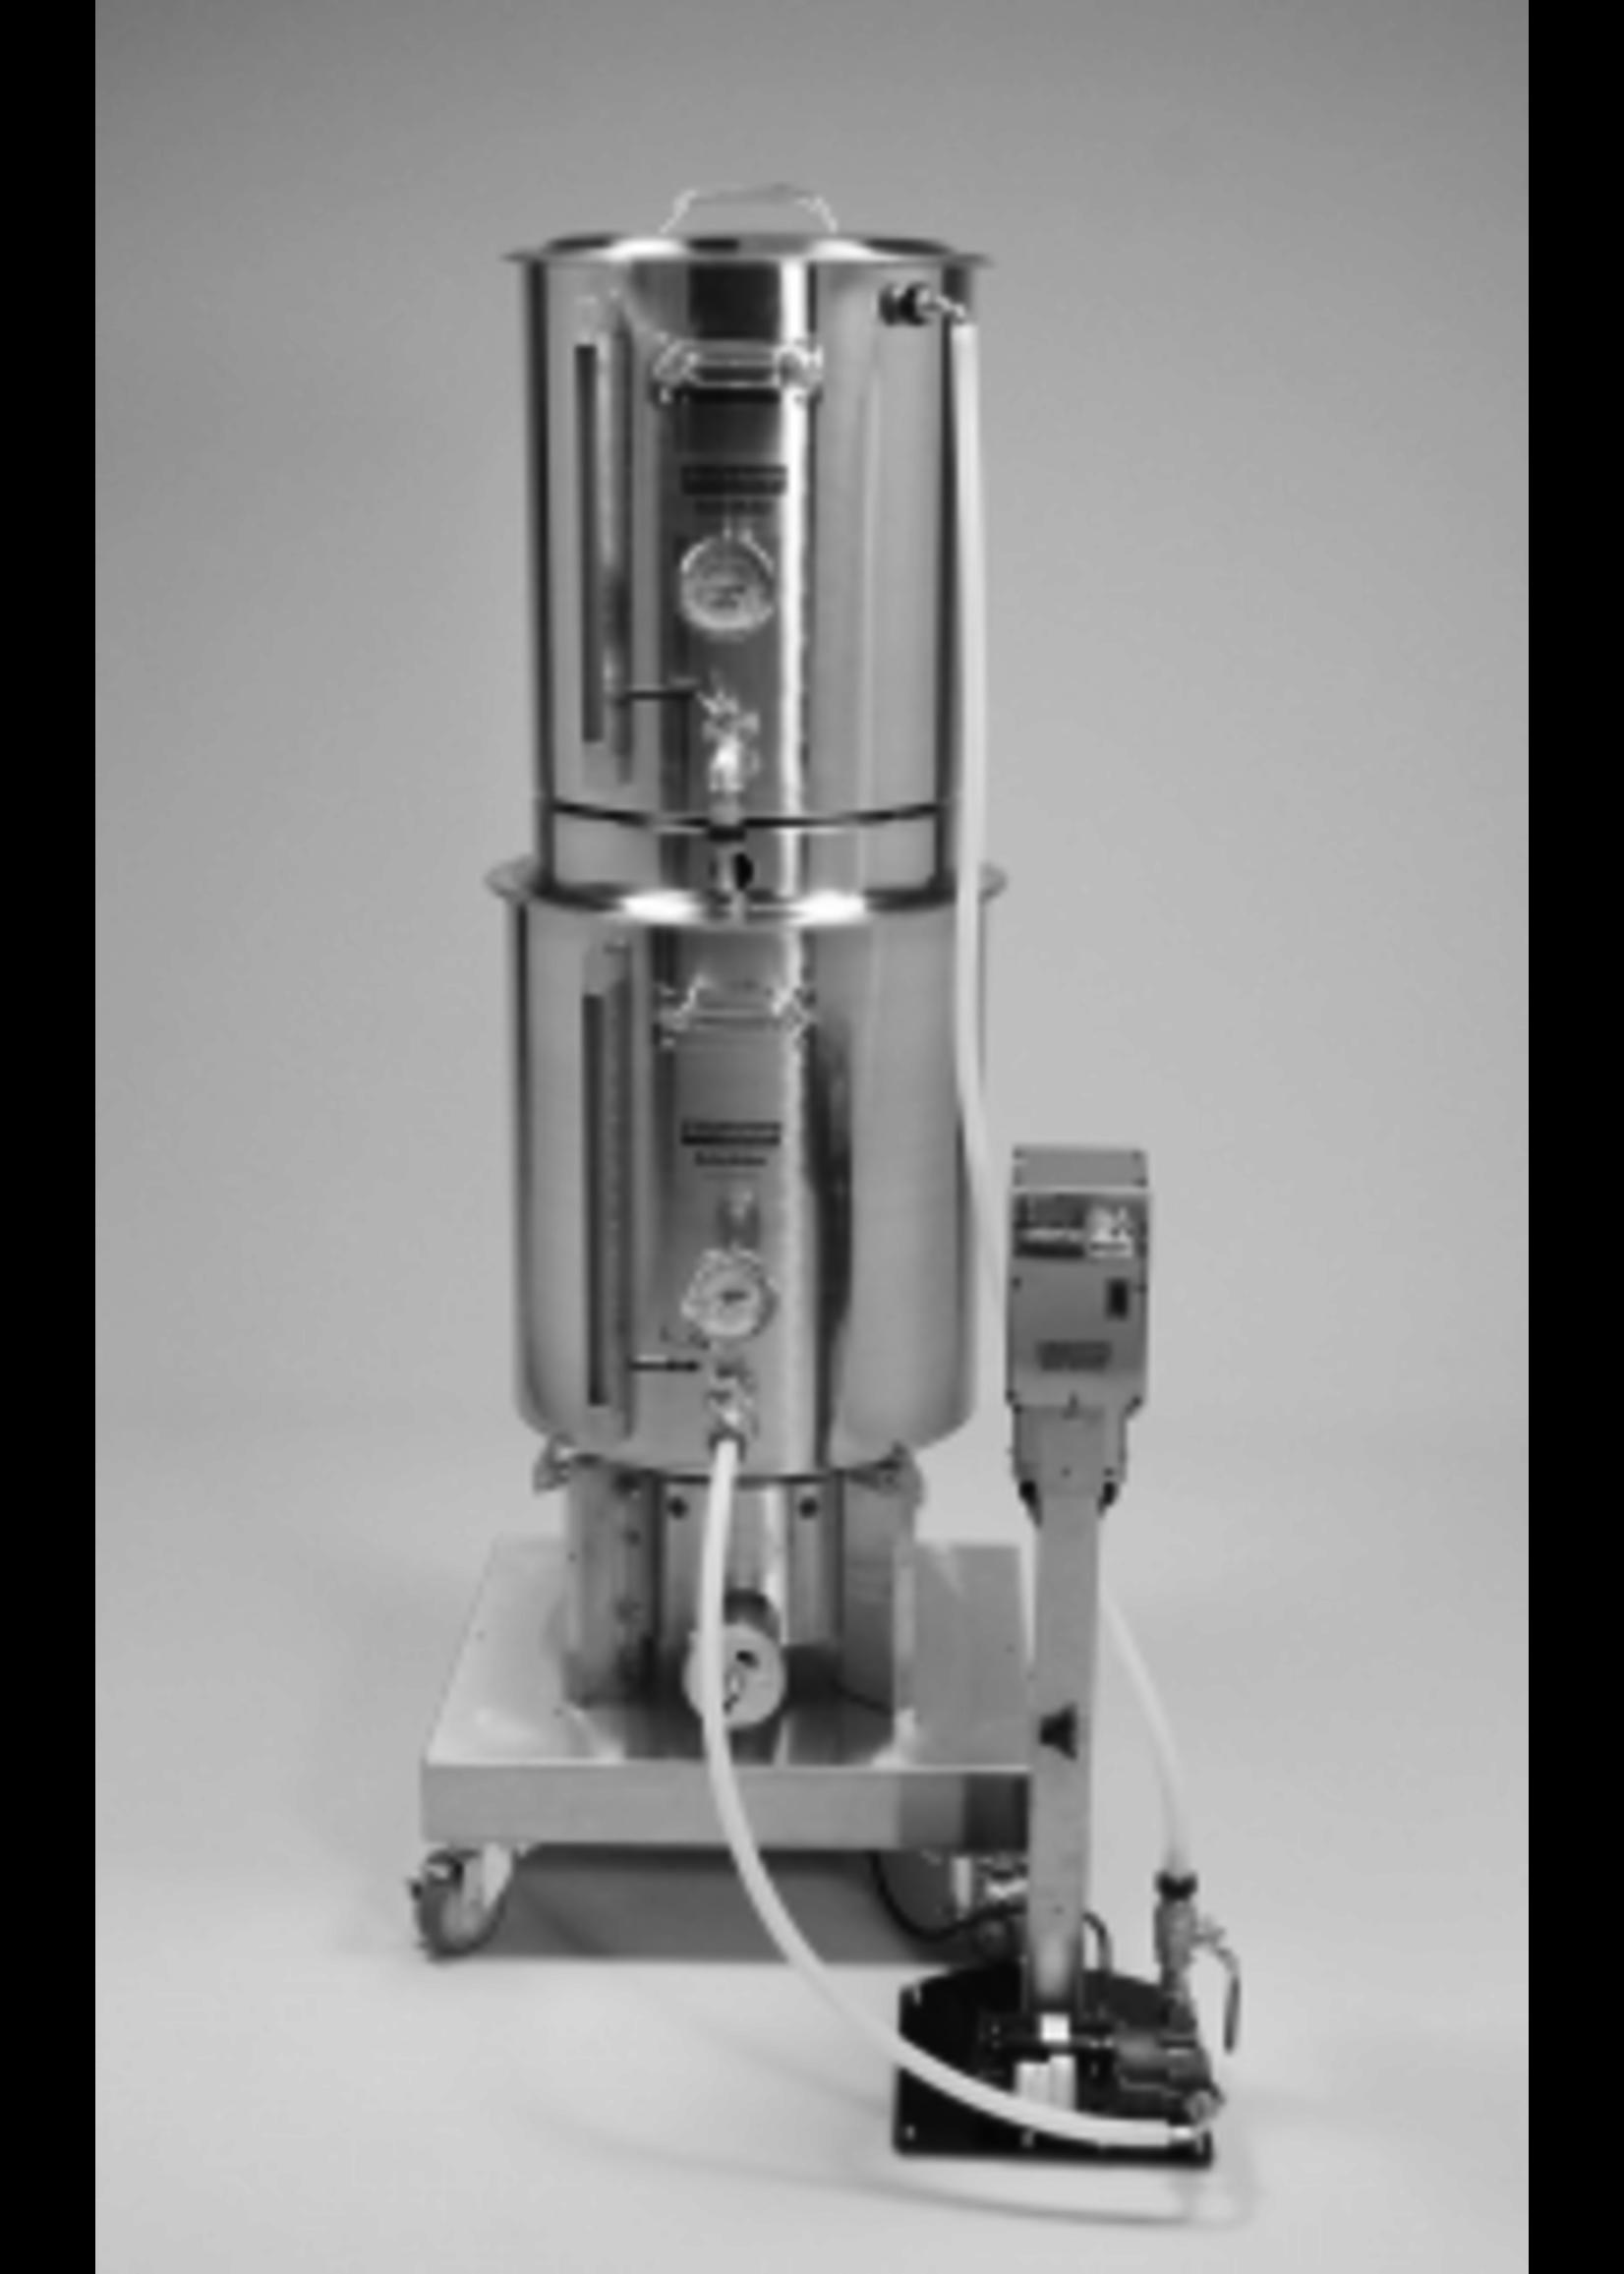 Blichmann Blichmann BrewEasy - Turnkey Kit - Gas LTE VERSION - 20 Gallon G2